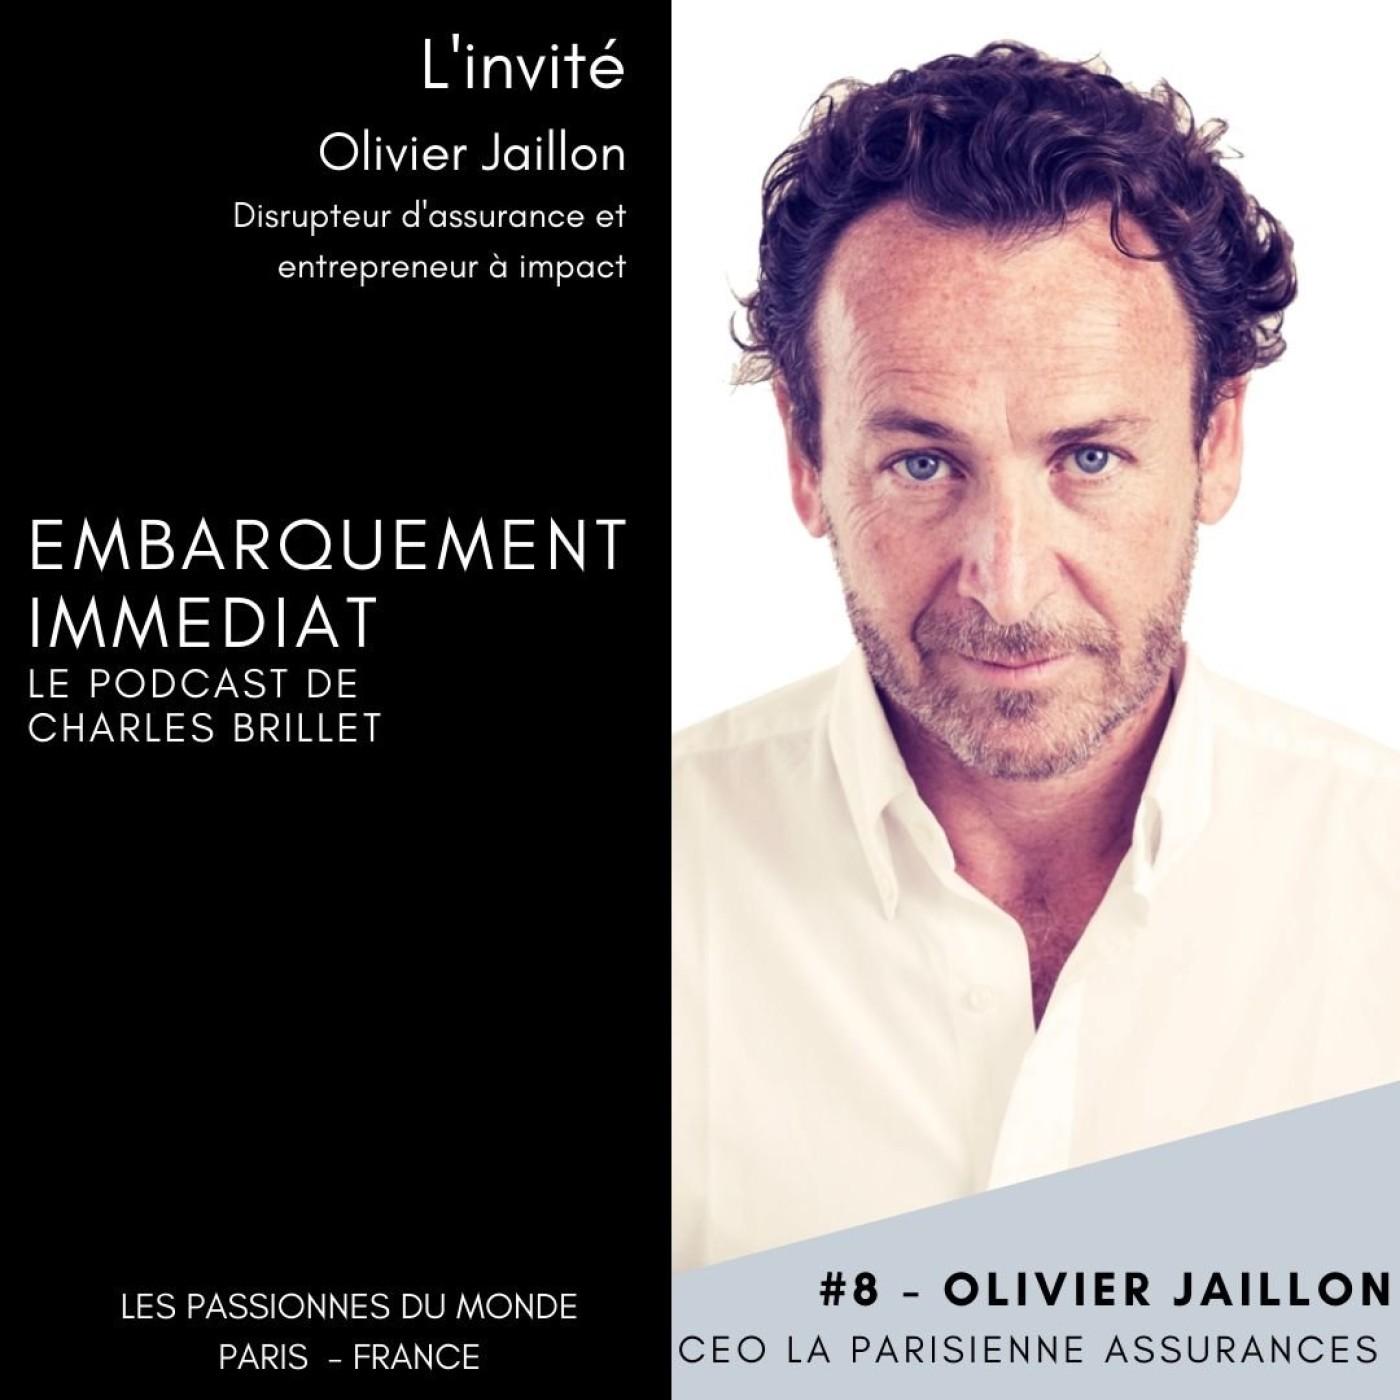 #8 - Olivier Jaillon - Disrupteur d'assurance et entrepreneur à impact - Paris